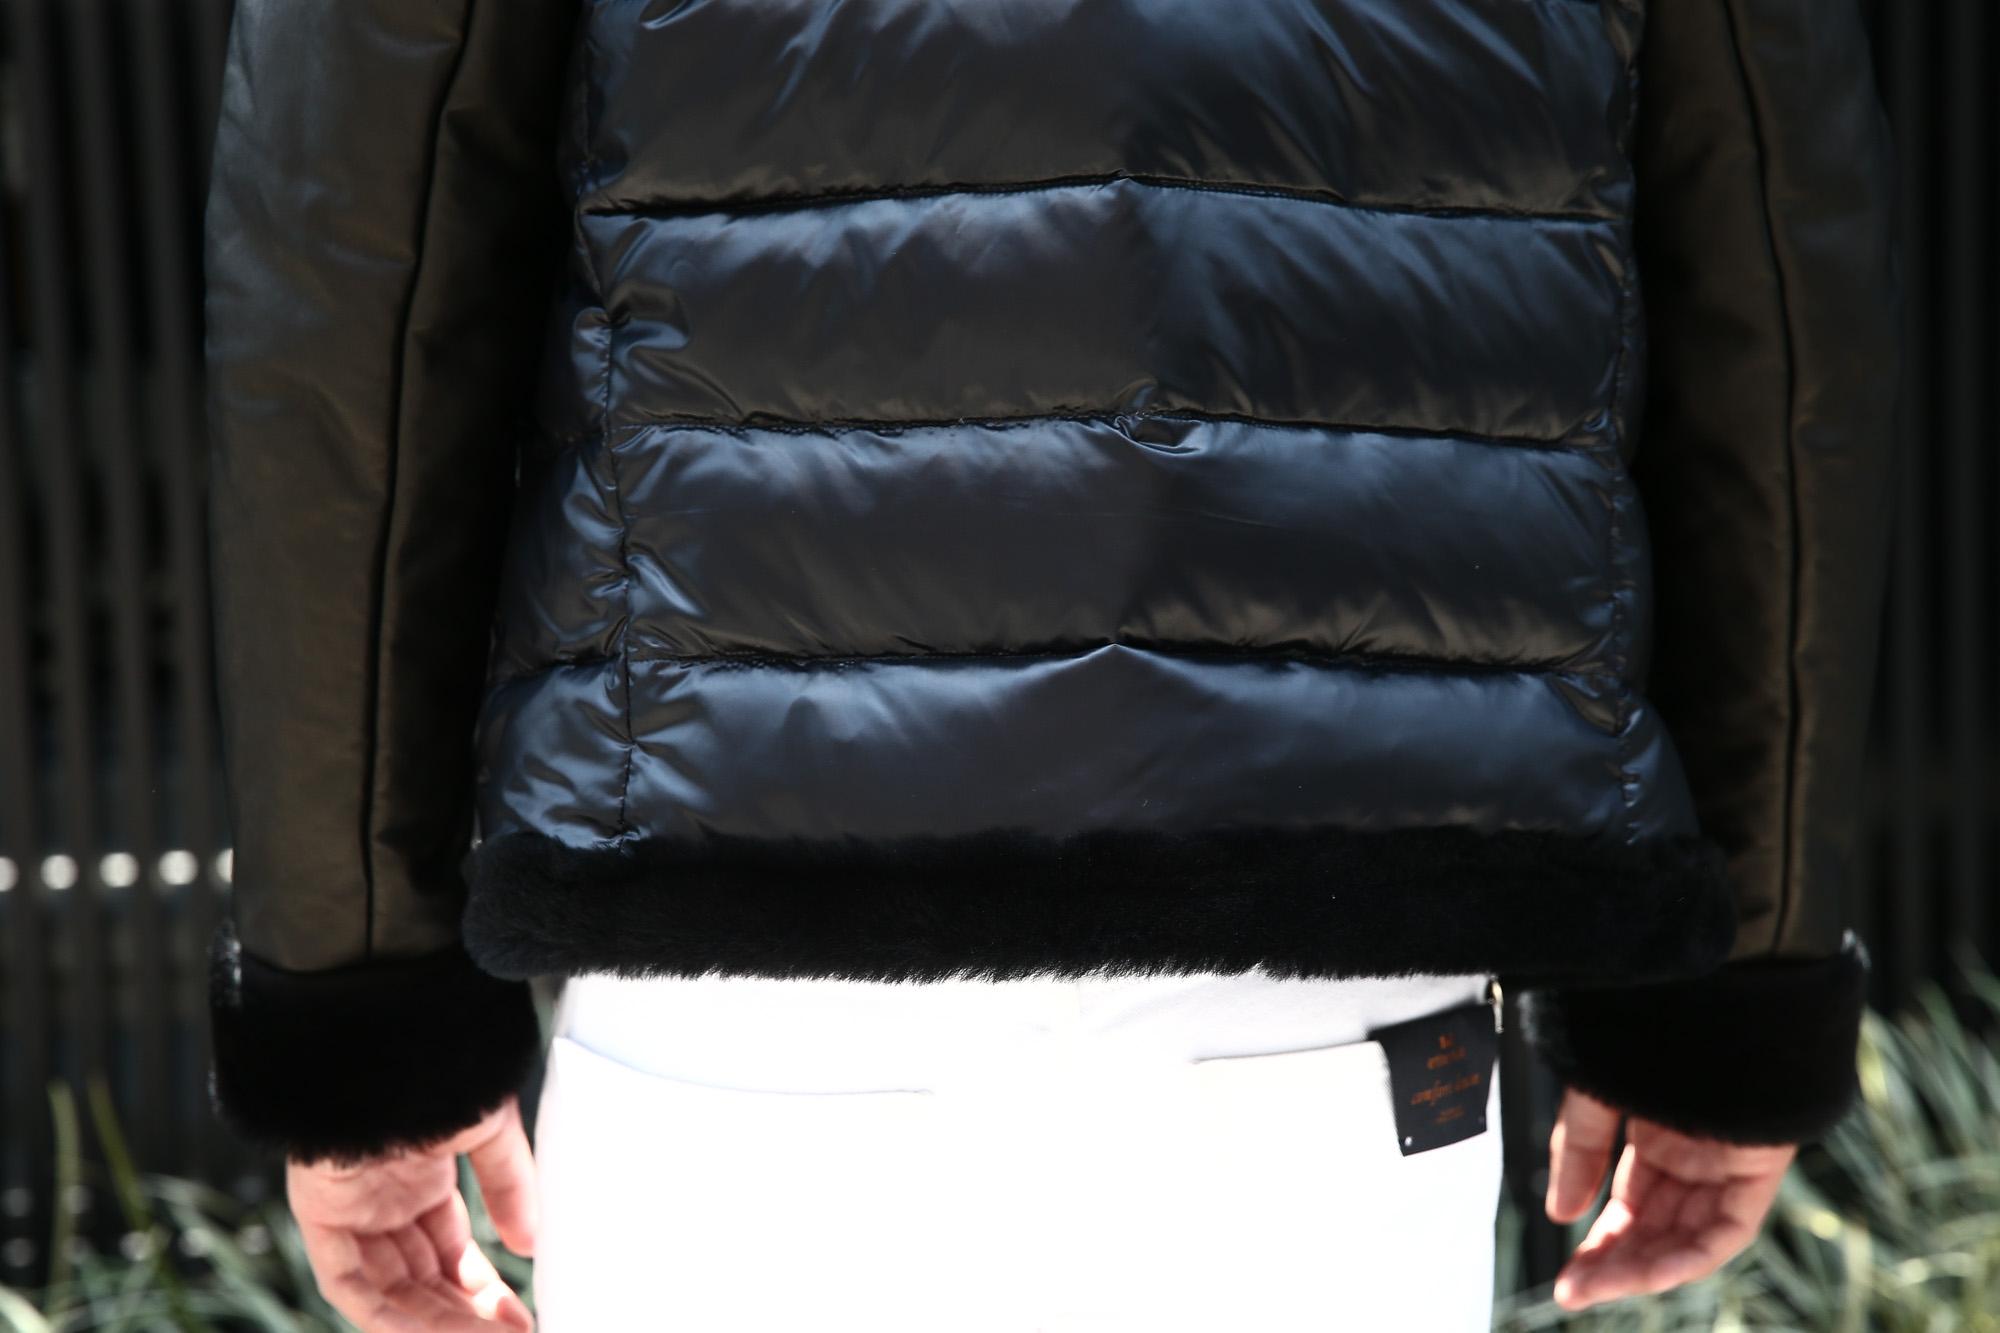 EMMETI (エンメティ) FERNANDO (フェルナンド) Lambskin Nappa Leather × Mouton × Nylon (ラムナッパレザー × ムートン × ナイロン) ムートンダウンジャケット NERO (ブラック・190/1) Made in italy (イタリア製) 2018 秋冬 【ご予約受付中】 emmeti ダウン ムートン レザー 愛知 名古屋 ZODIAC ゾディアック